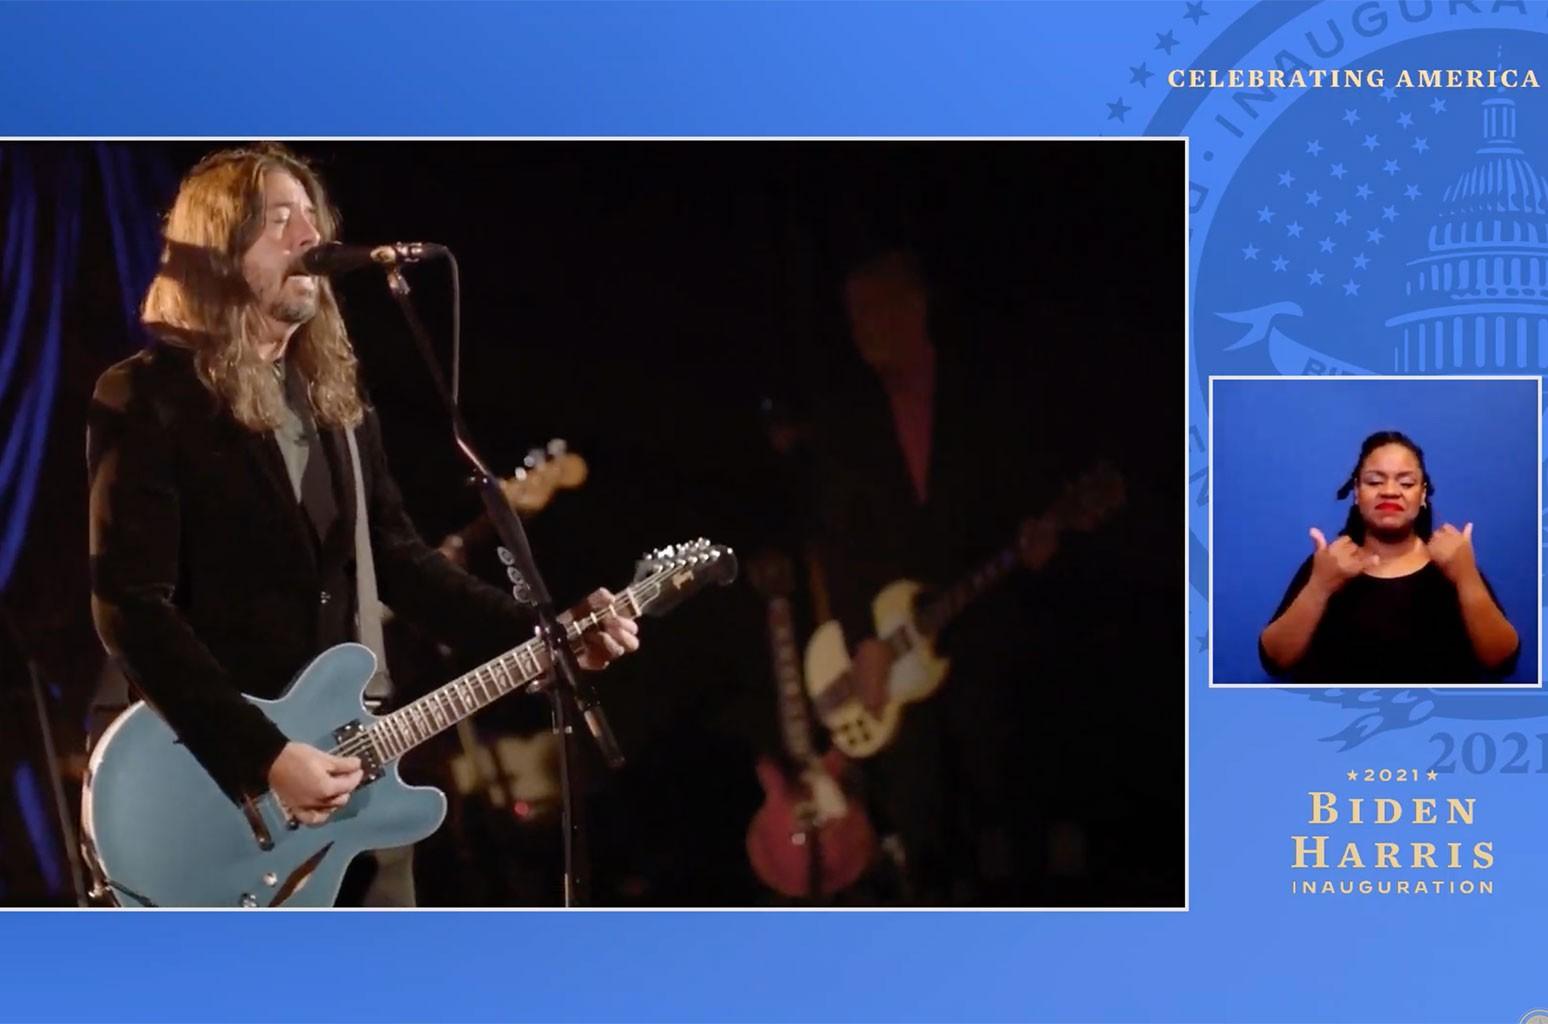 Foo Fighters посвящают такие моменты учителям в специальном выпуске, посвященном инаугурации «Celebrating America»